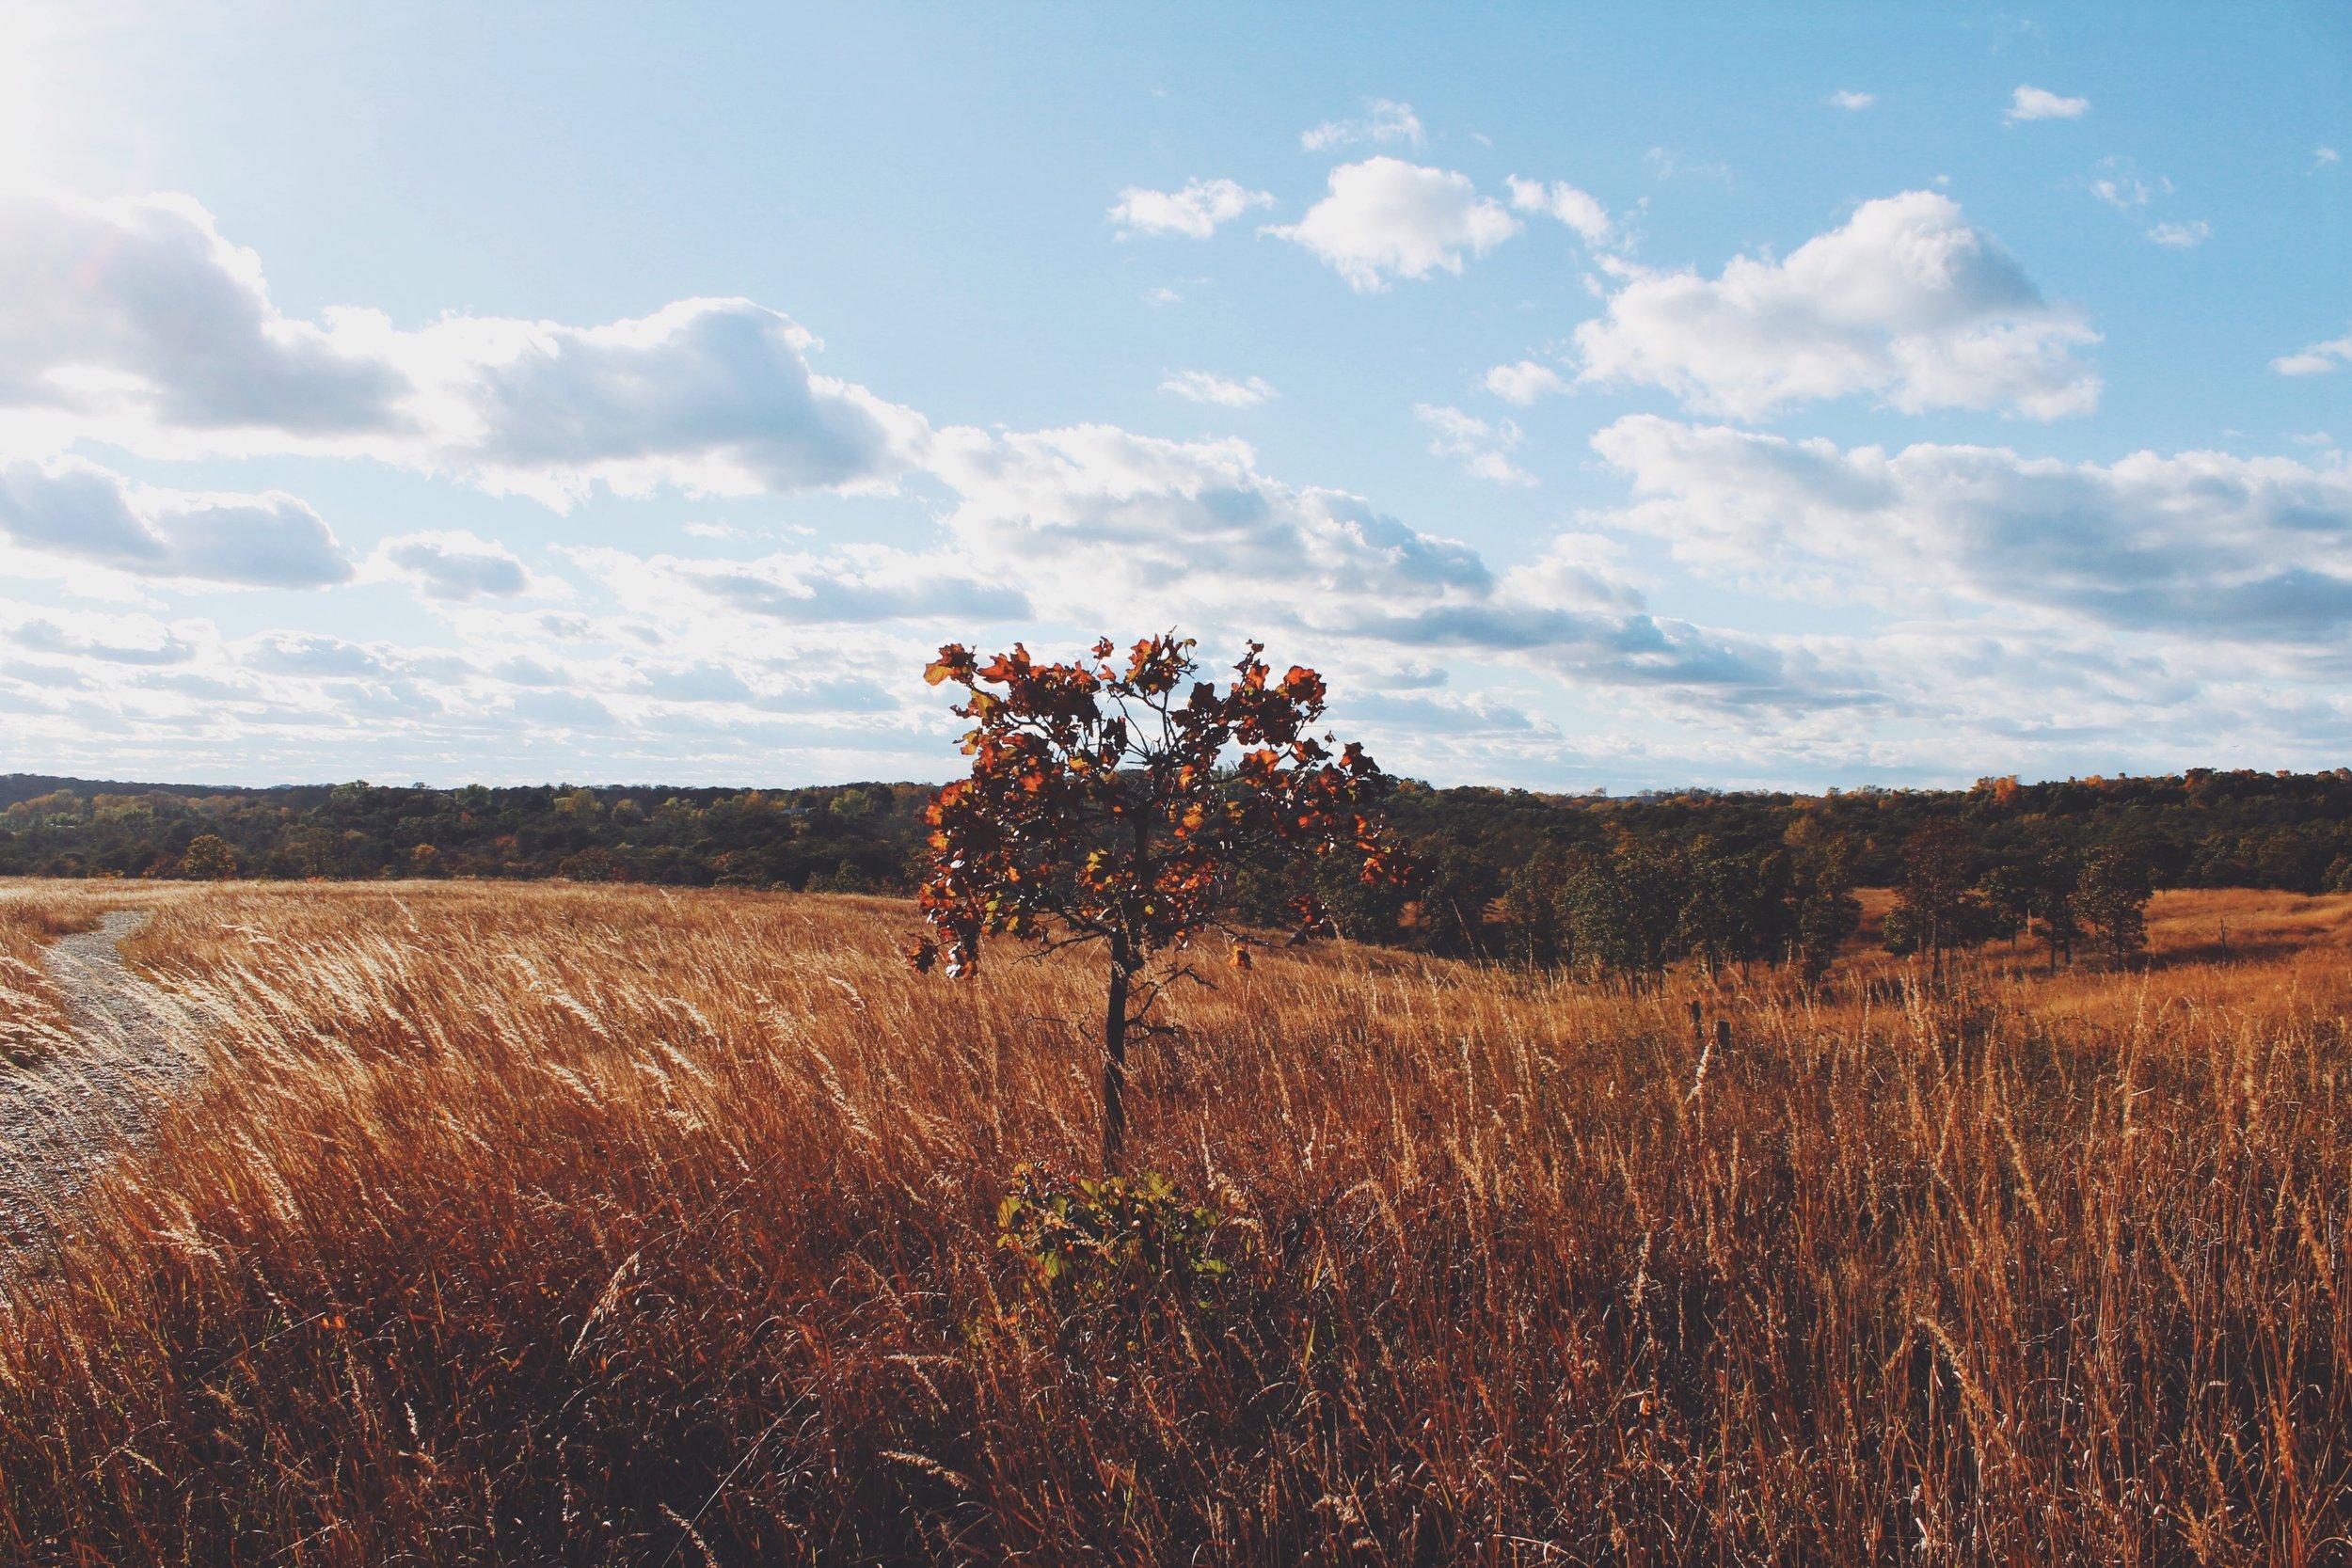 Tree In Field.jpeg